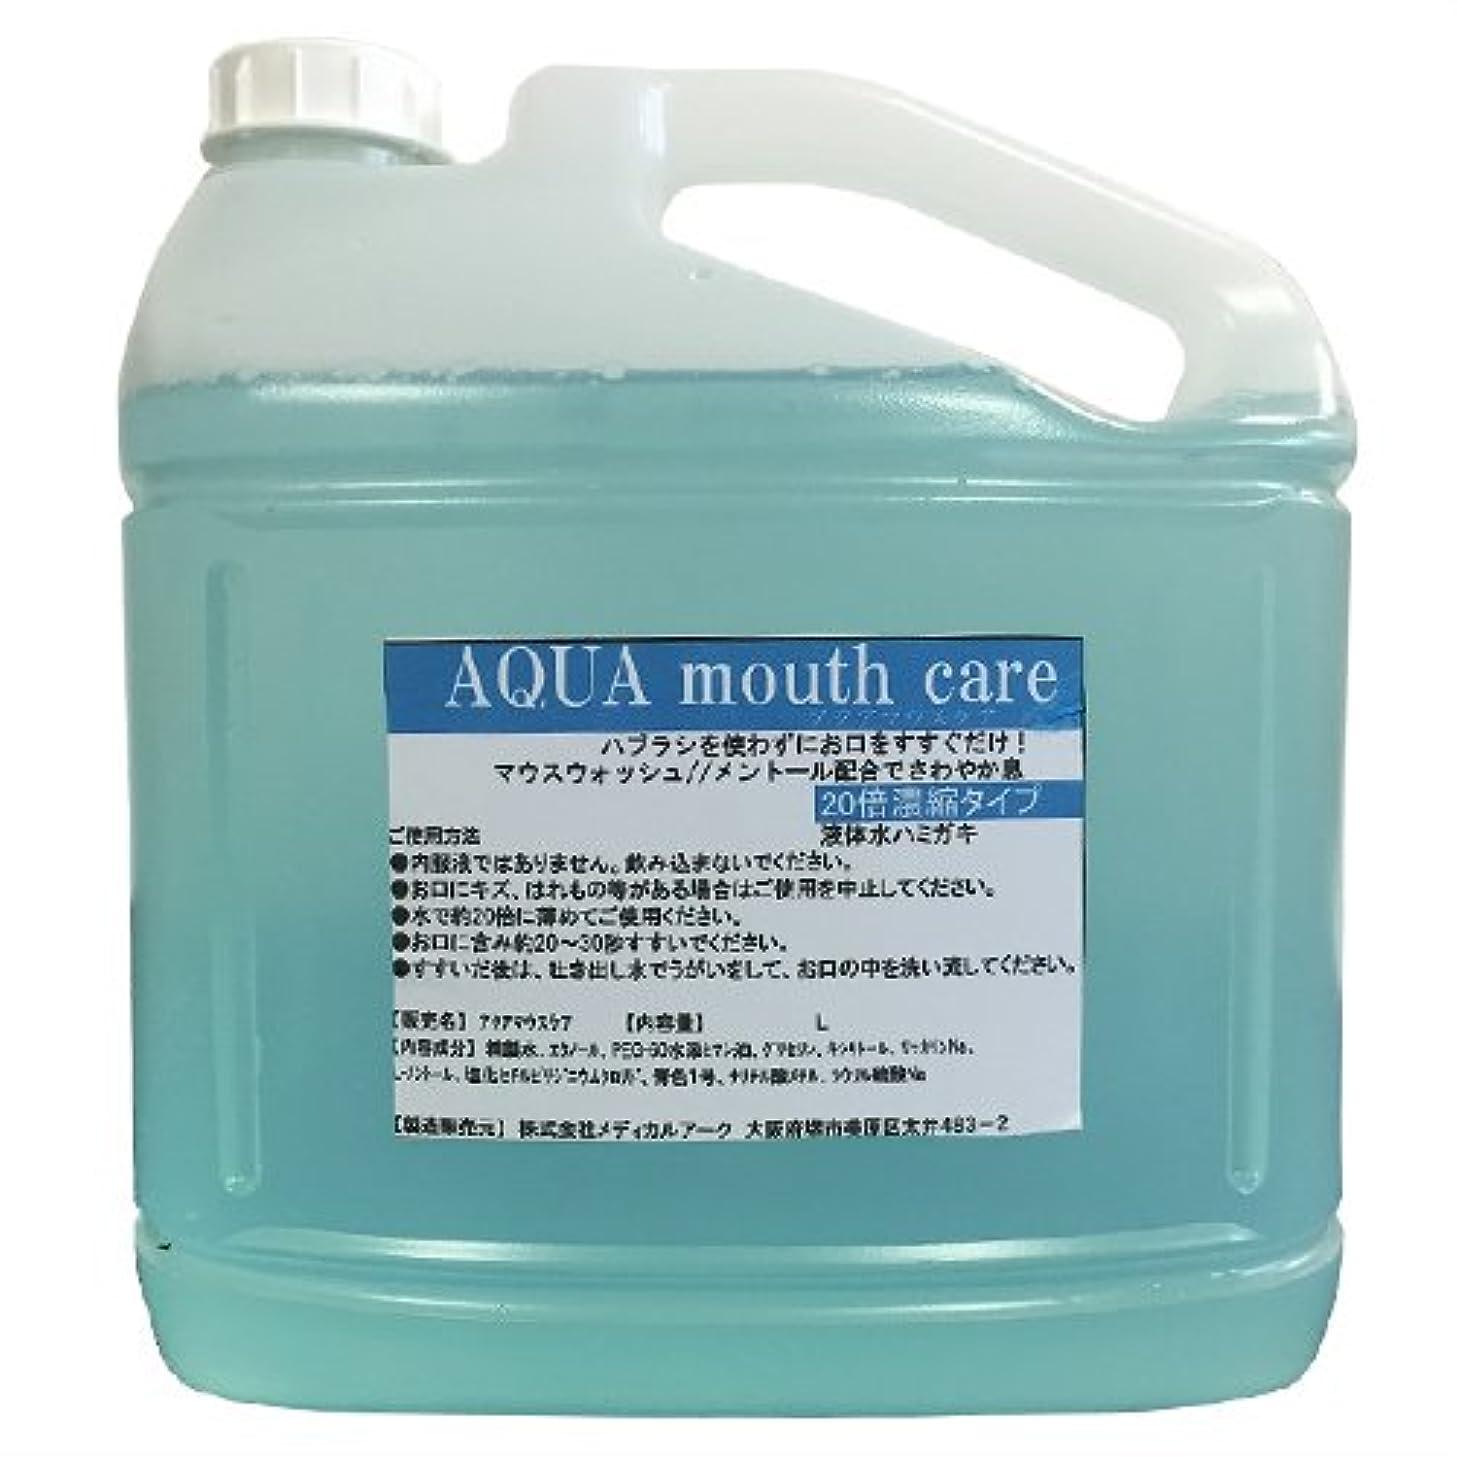 ハーフ日の出モールス信号業務用洗口液 マウスウォッシュ アクアマウスケア (AQUA mouth care) 20倍濃縮タイプ 5L (詰め替えコック付き)